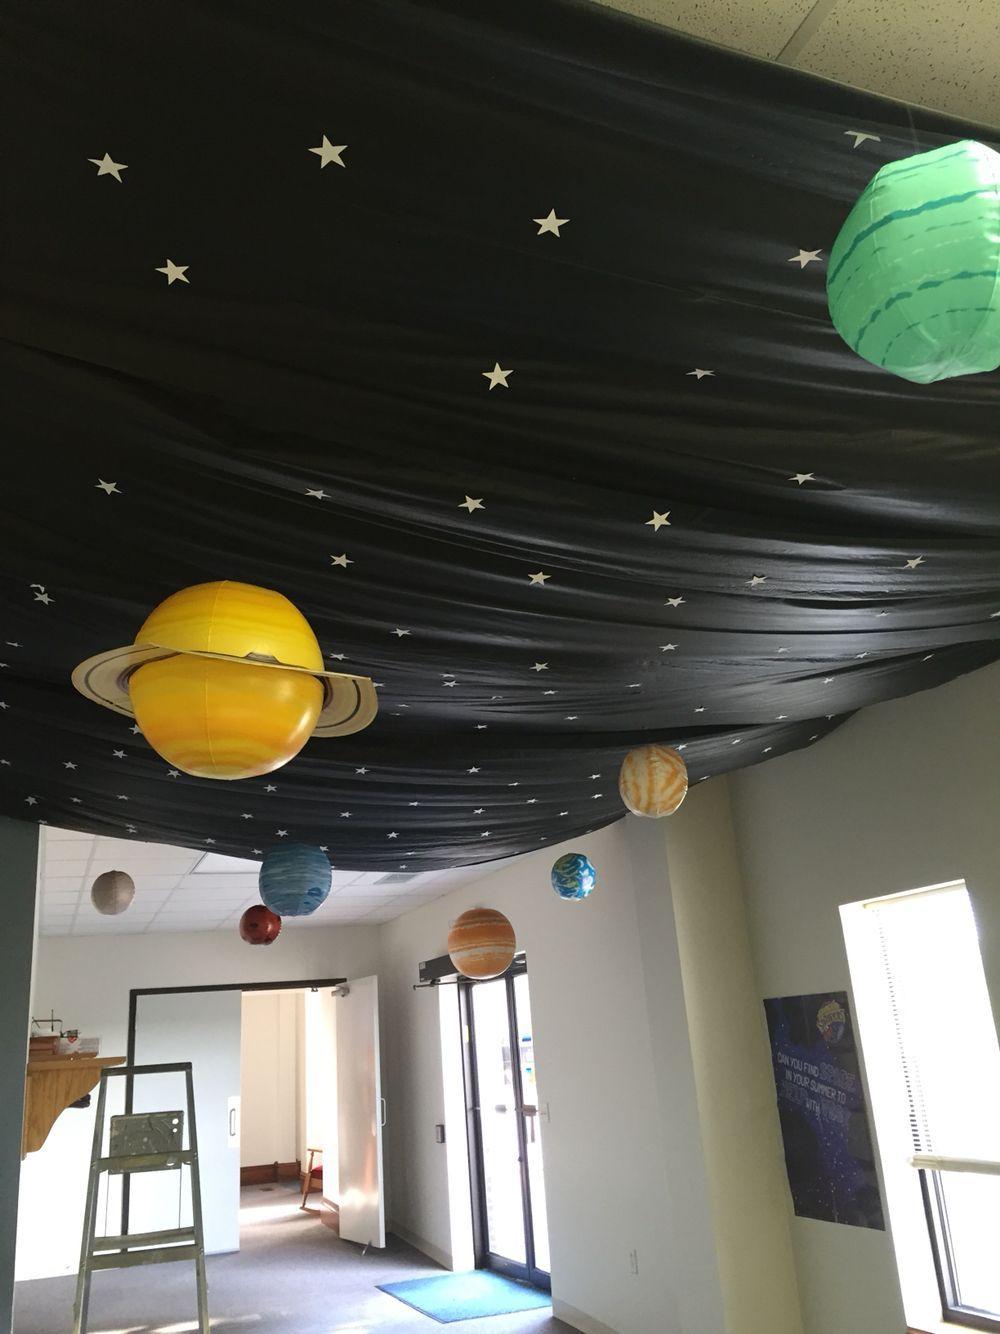 Afbeeldingsresultaat voor thema feest ruimte #outerspaceparty